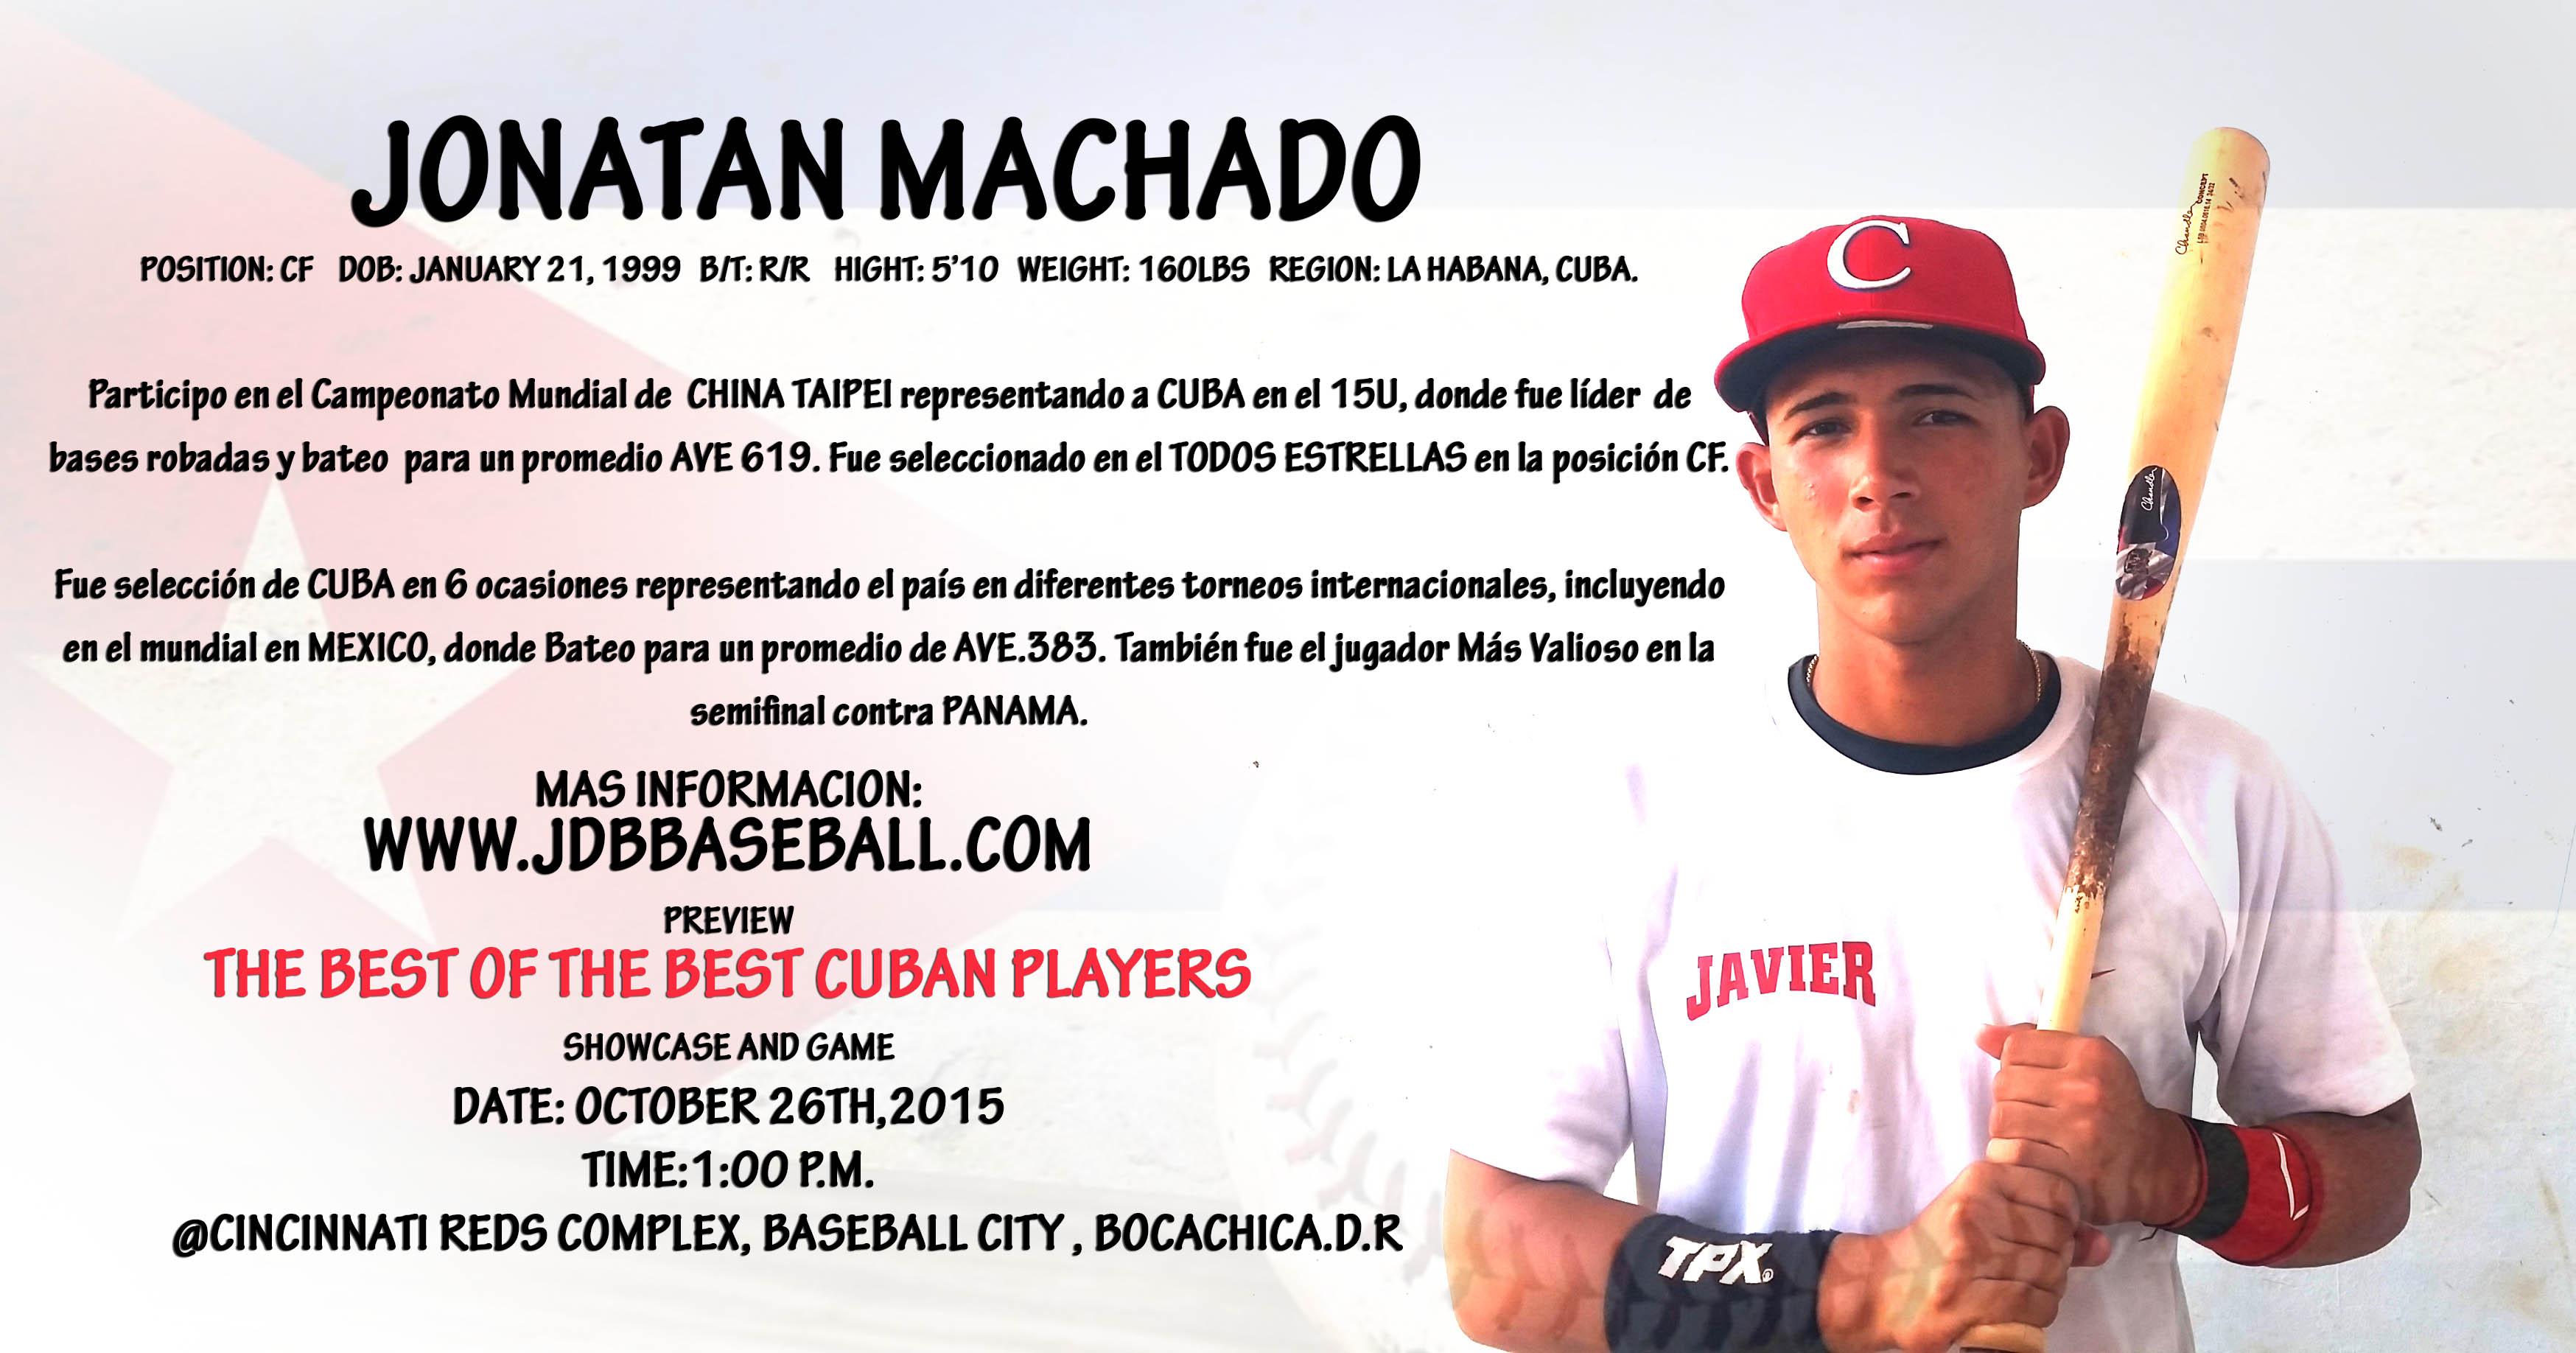 Jonatan Machado